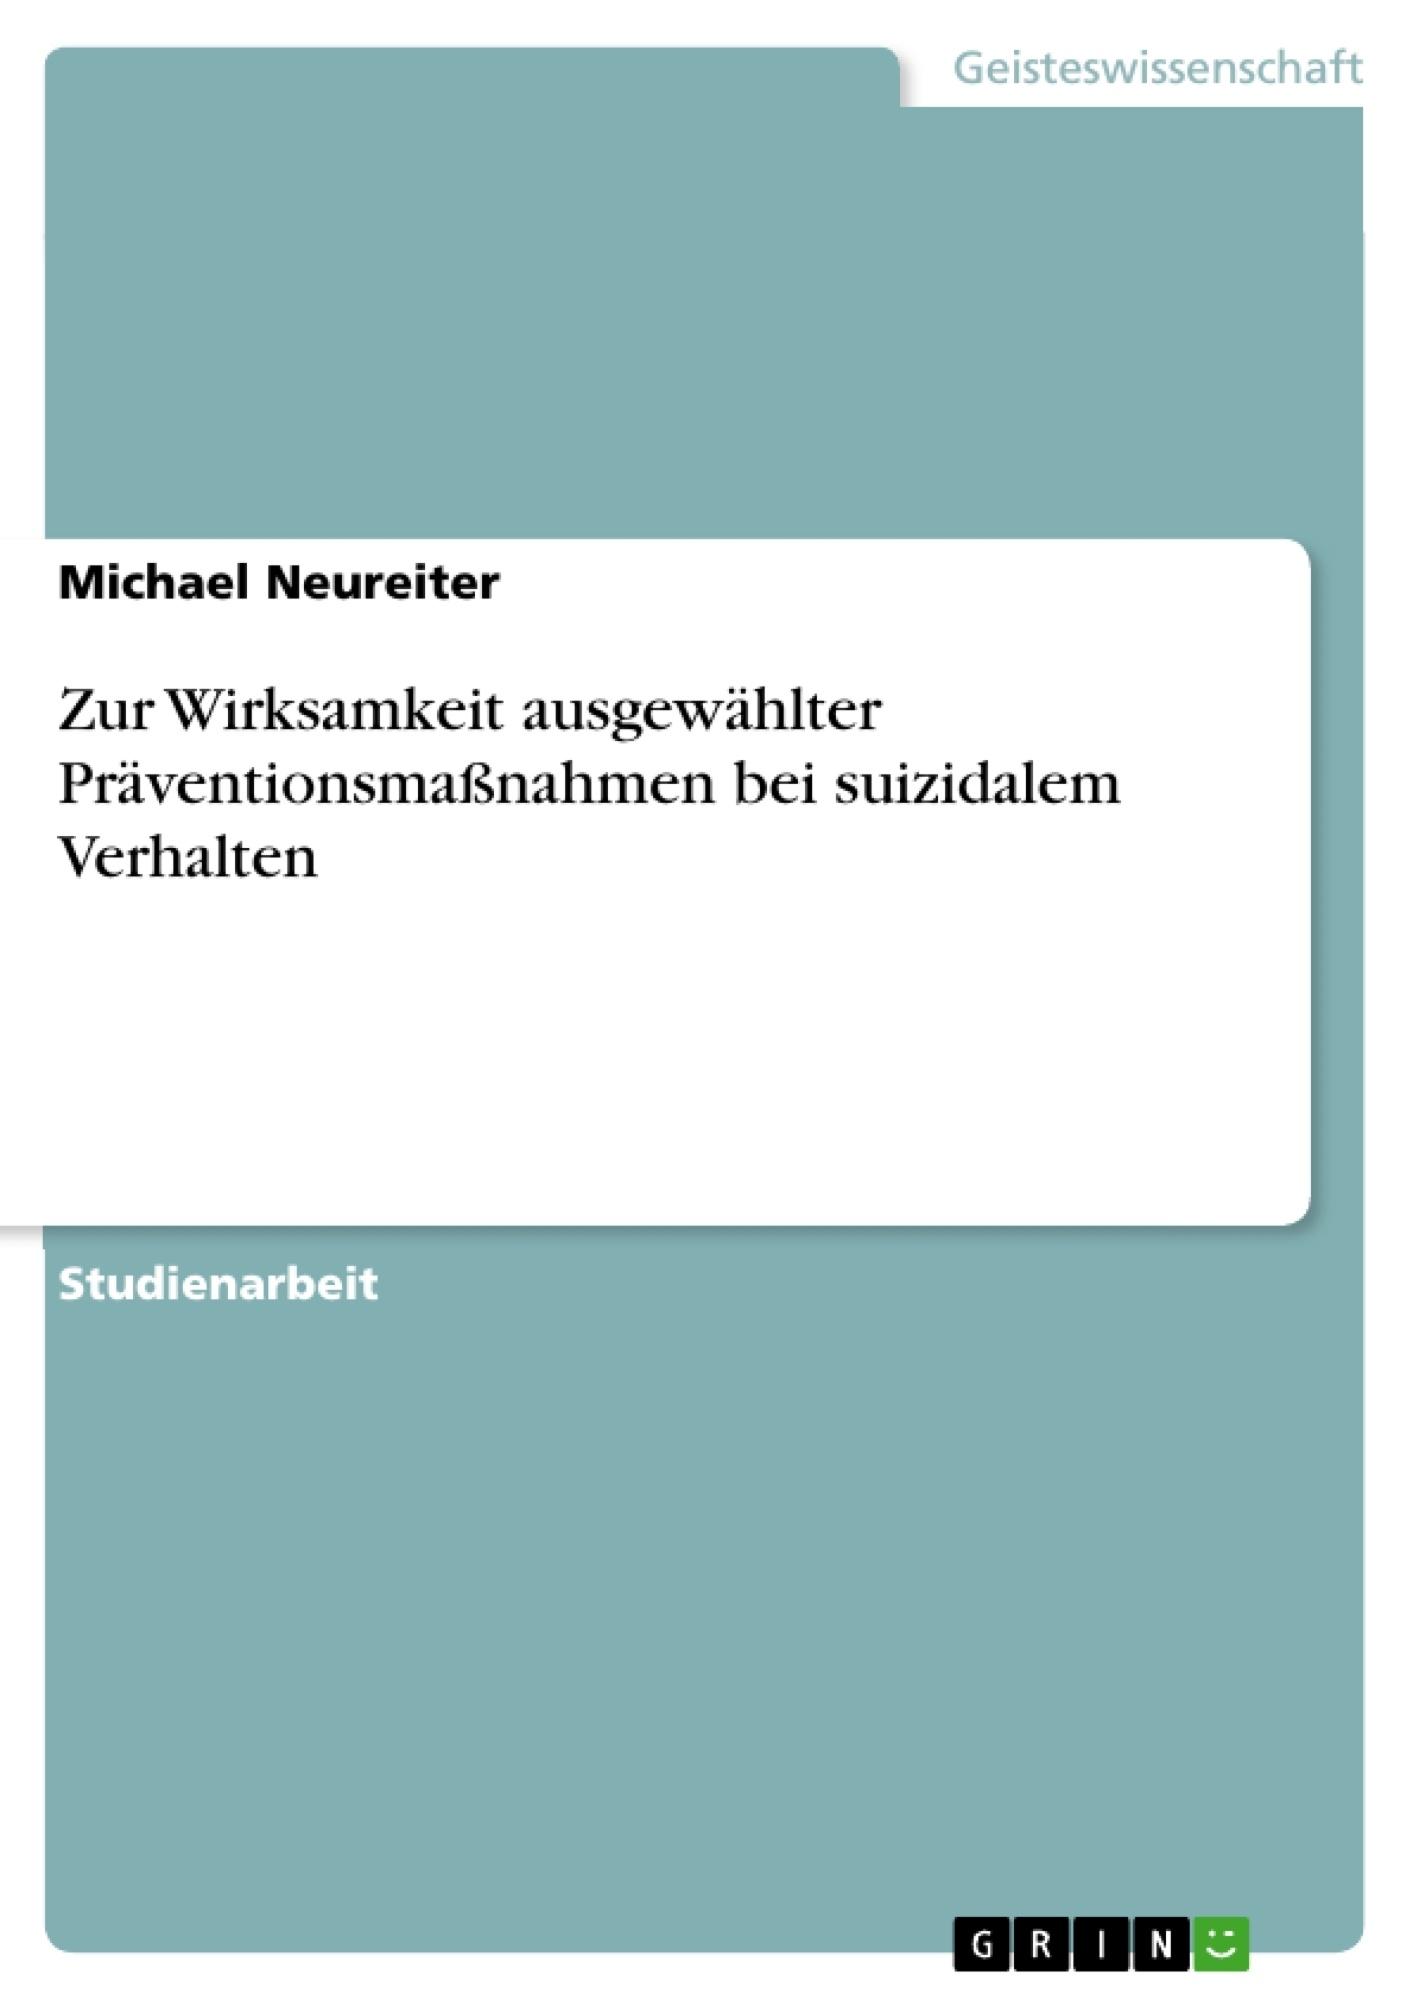 Titel: Zur Wirksamkeit ausgewählter Präventionsmaßnahmen bei suizidalem Verhalten